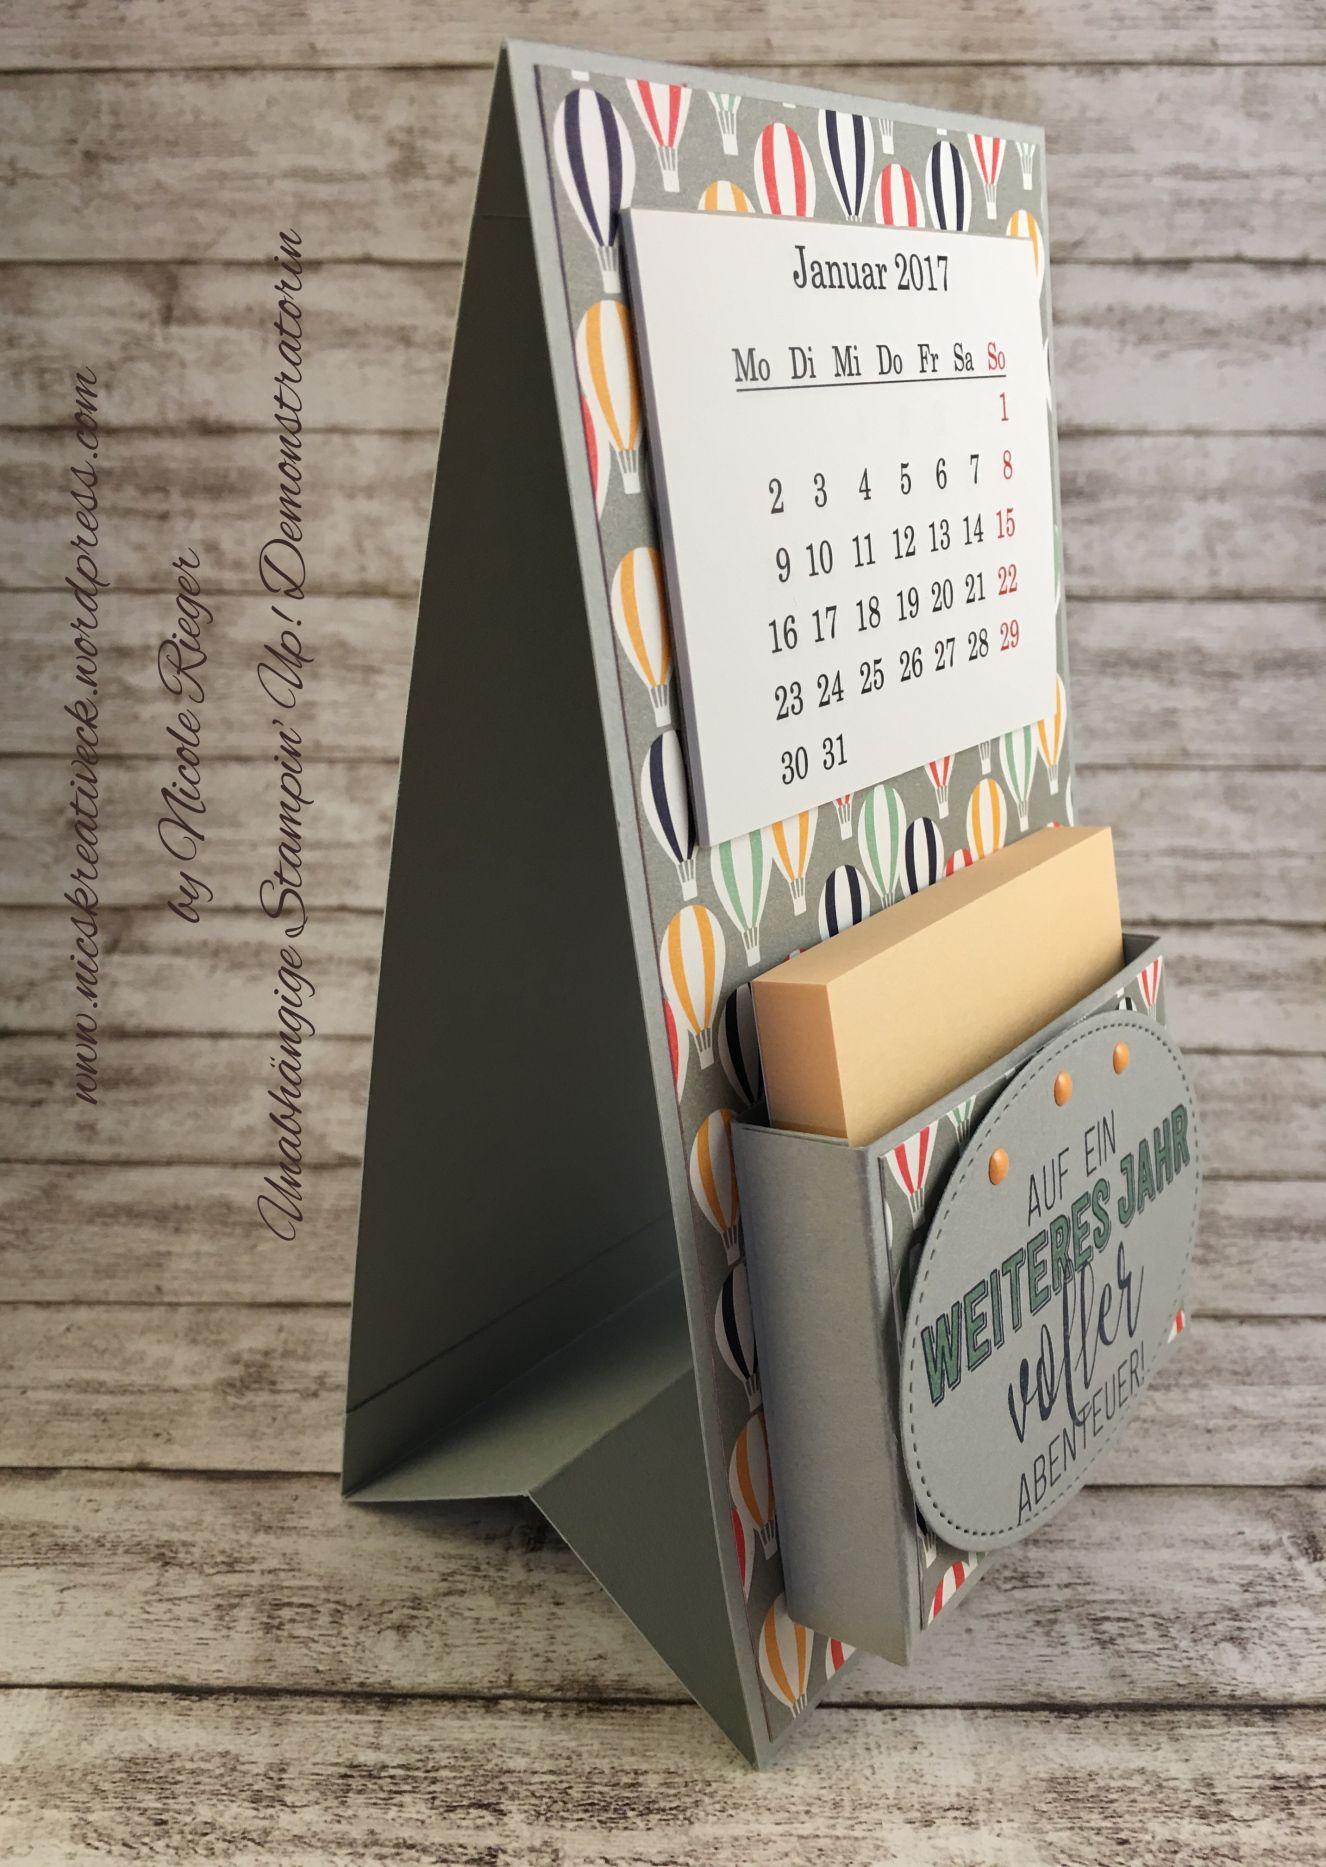 Acalendar Anleitung tischkalender mit anleitung | tischkalender, kalender